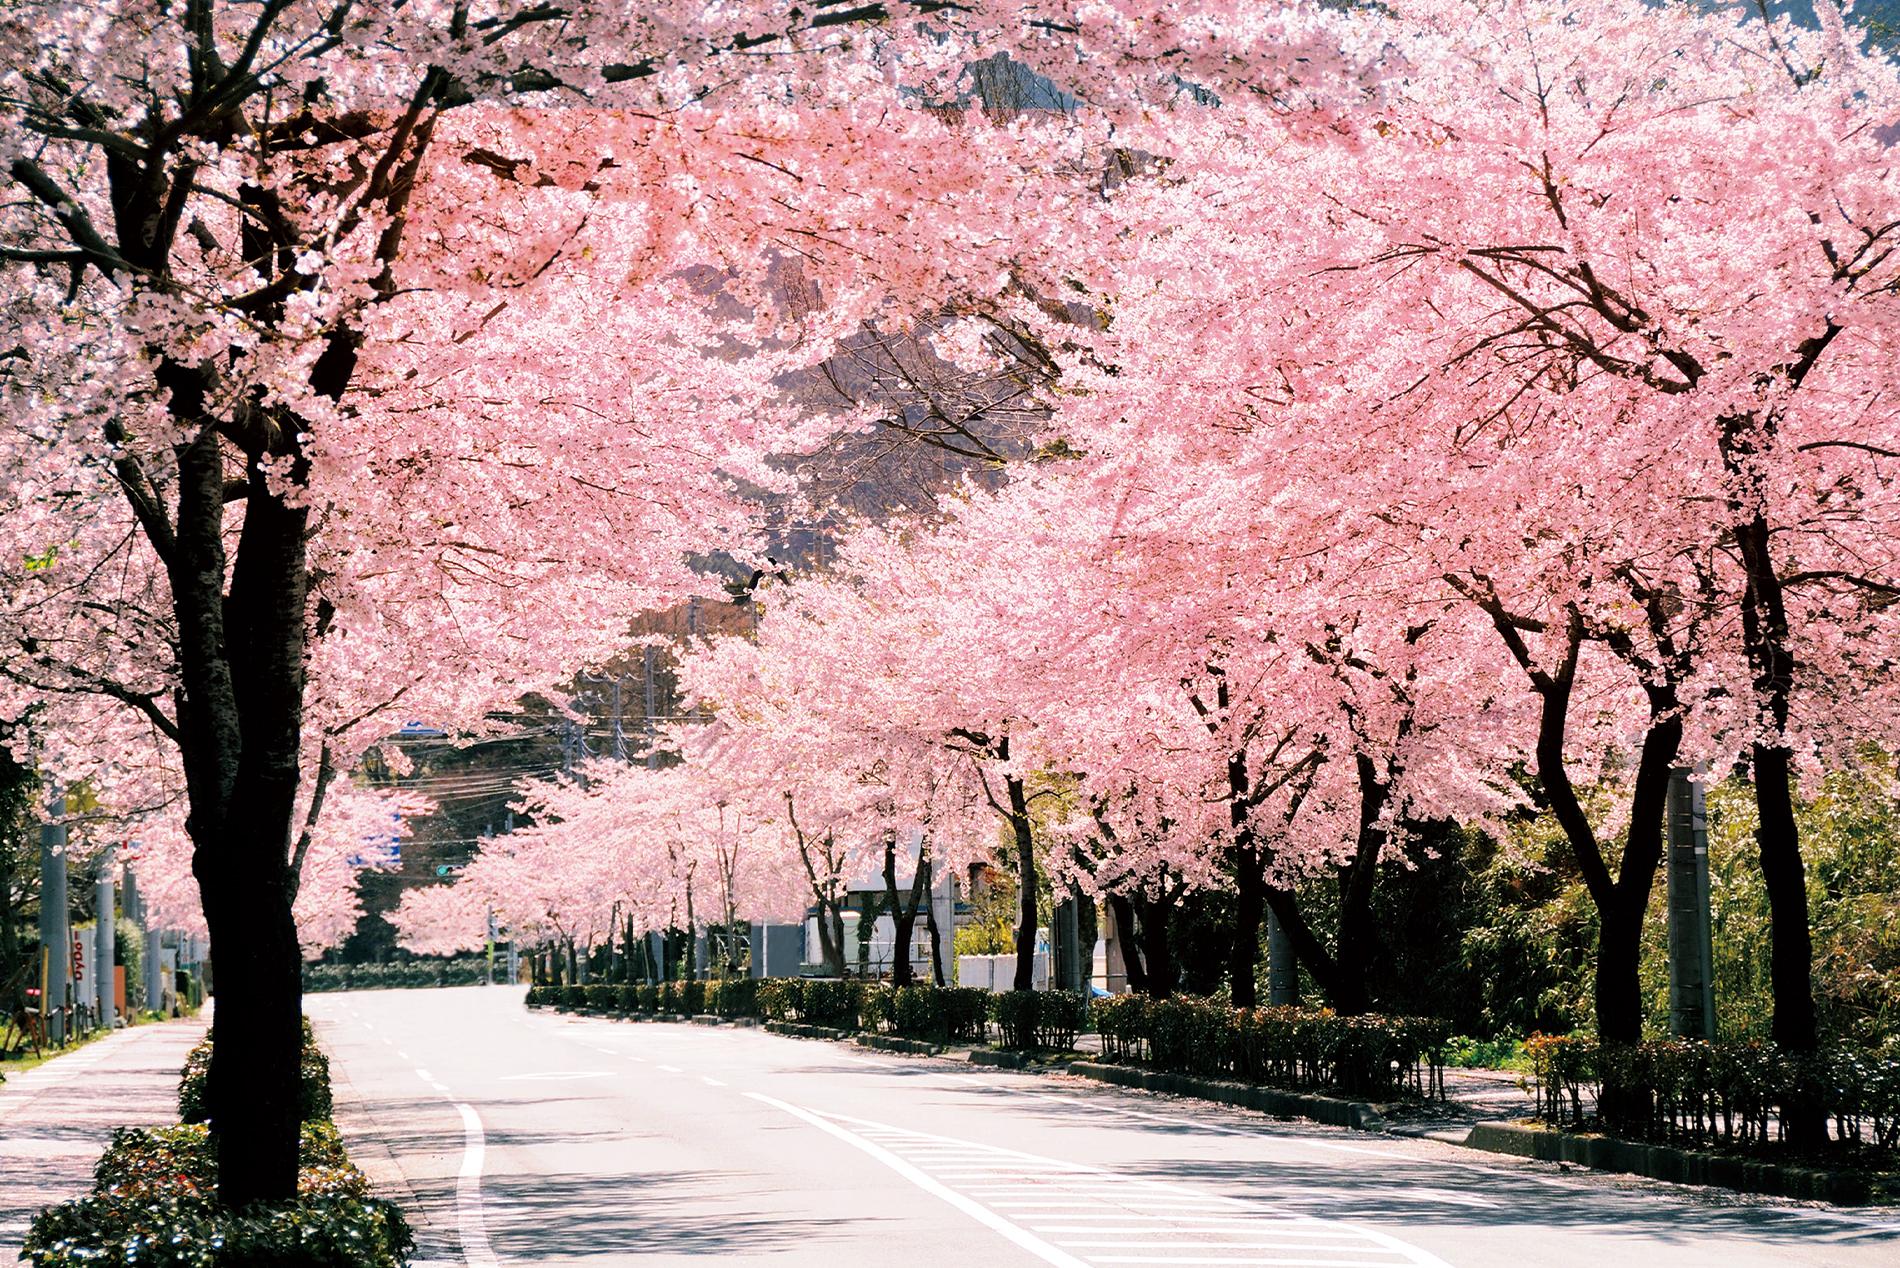 富士山と桜のコラボが望める、御殿場お花見スポット